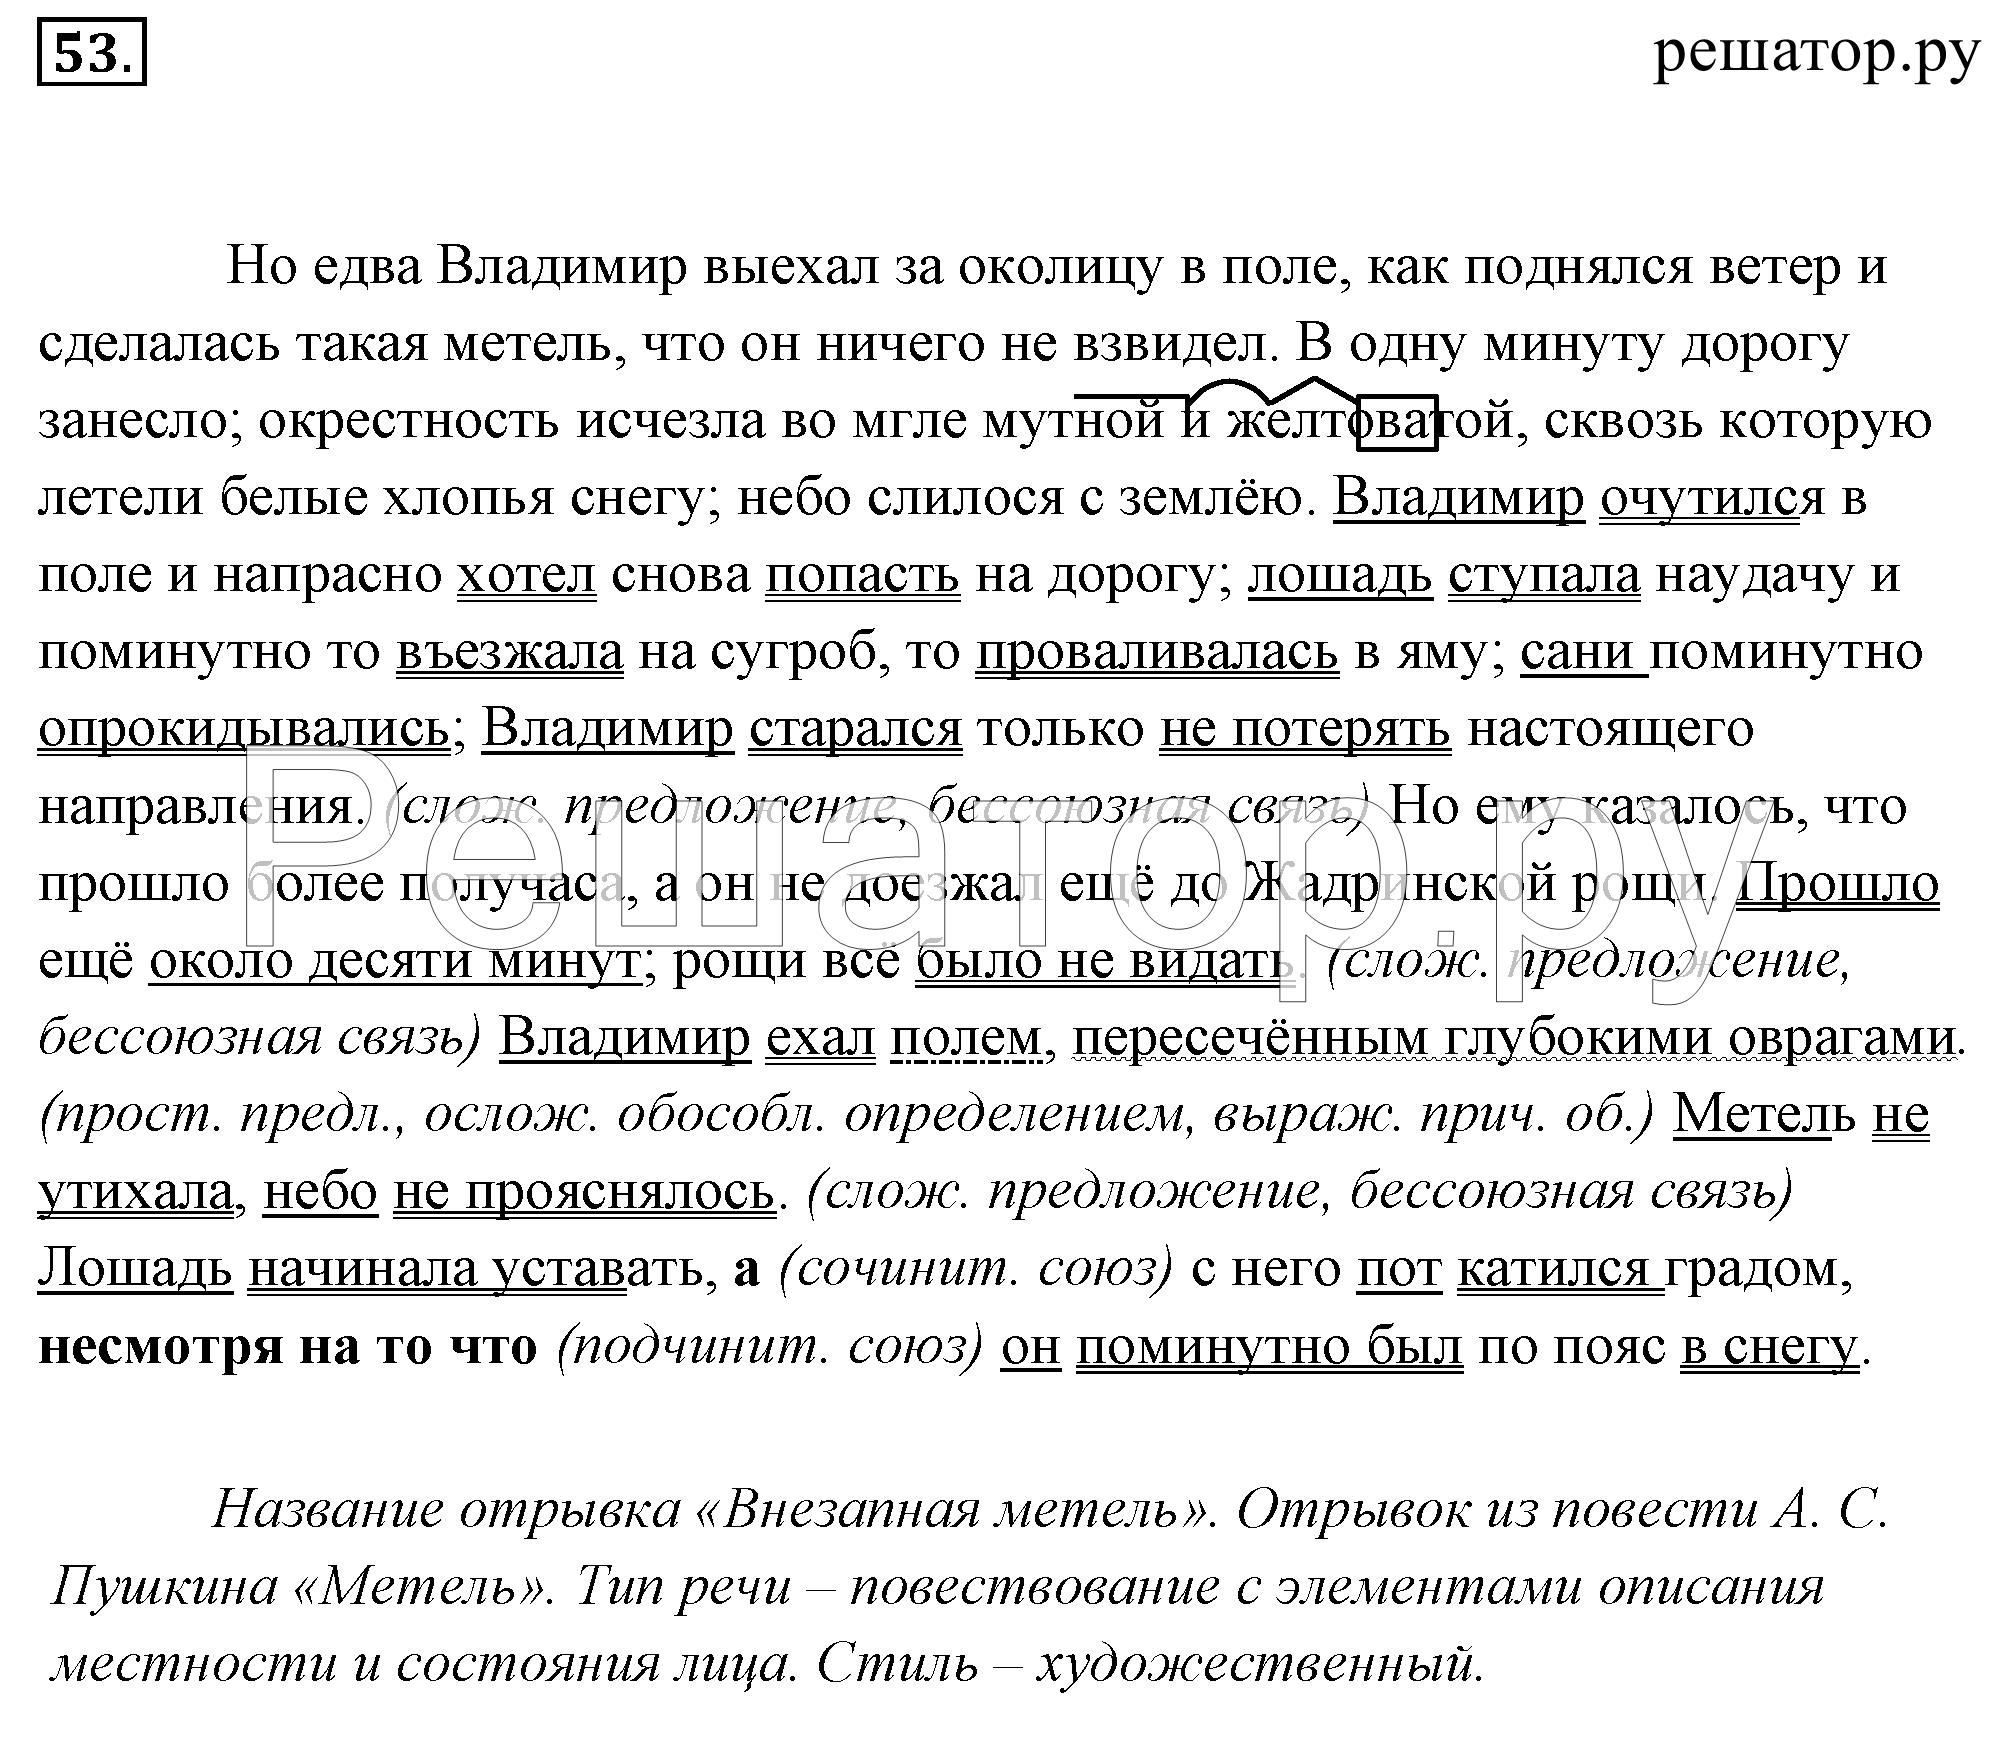 Гдз по русскому 2018 9 класс разумовская